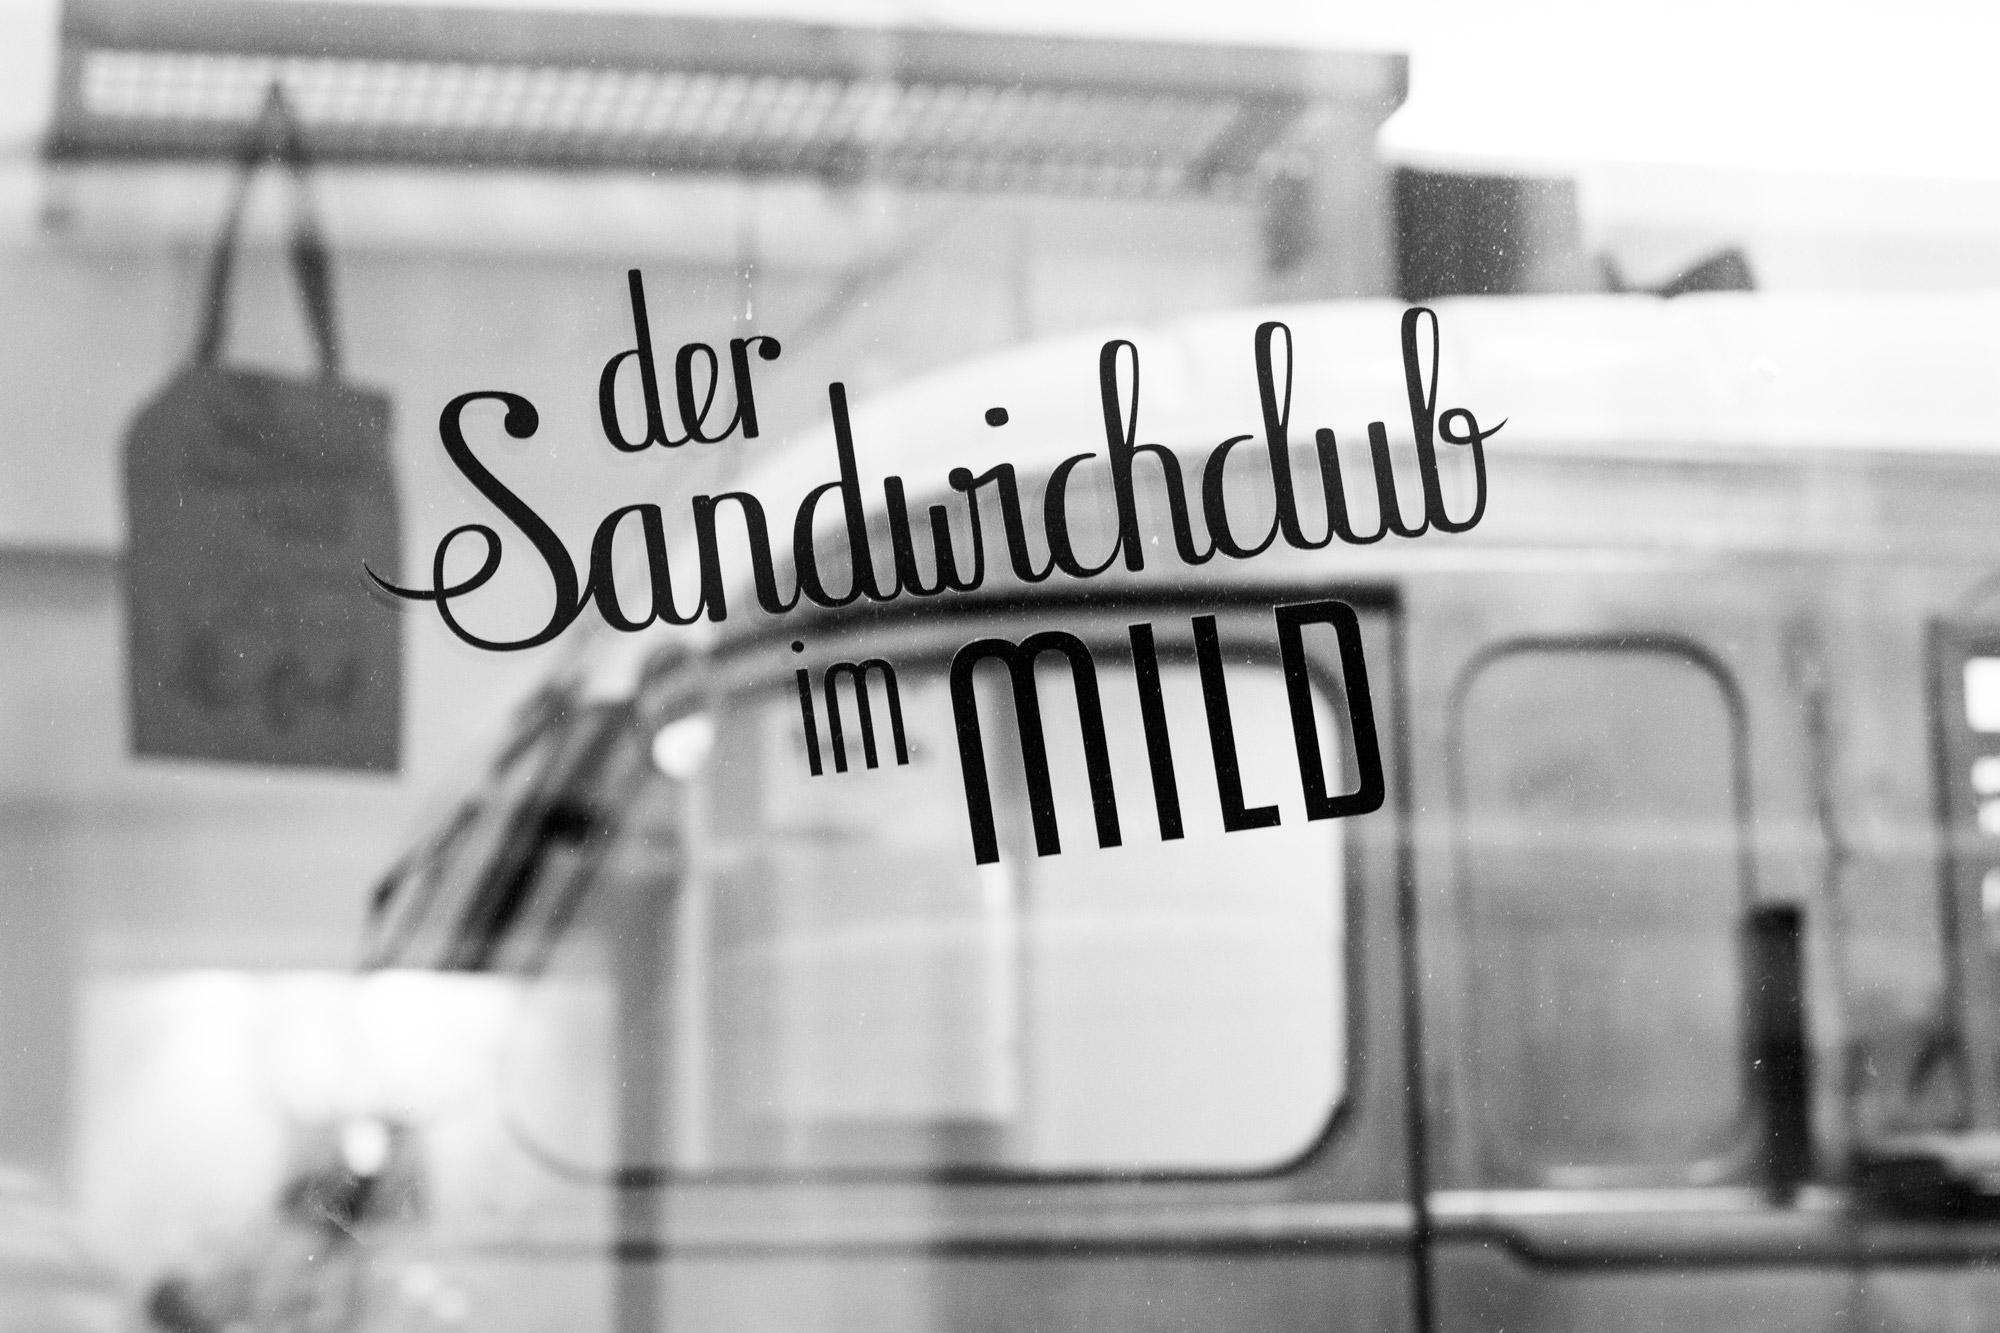 Sandwichclub im Mild